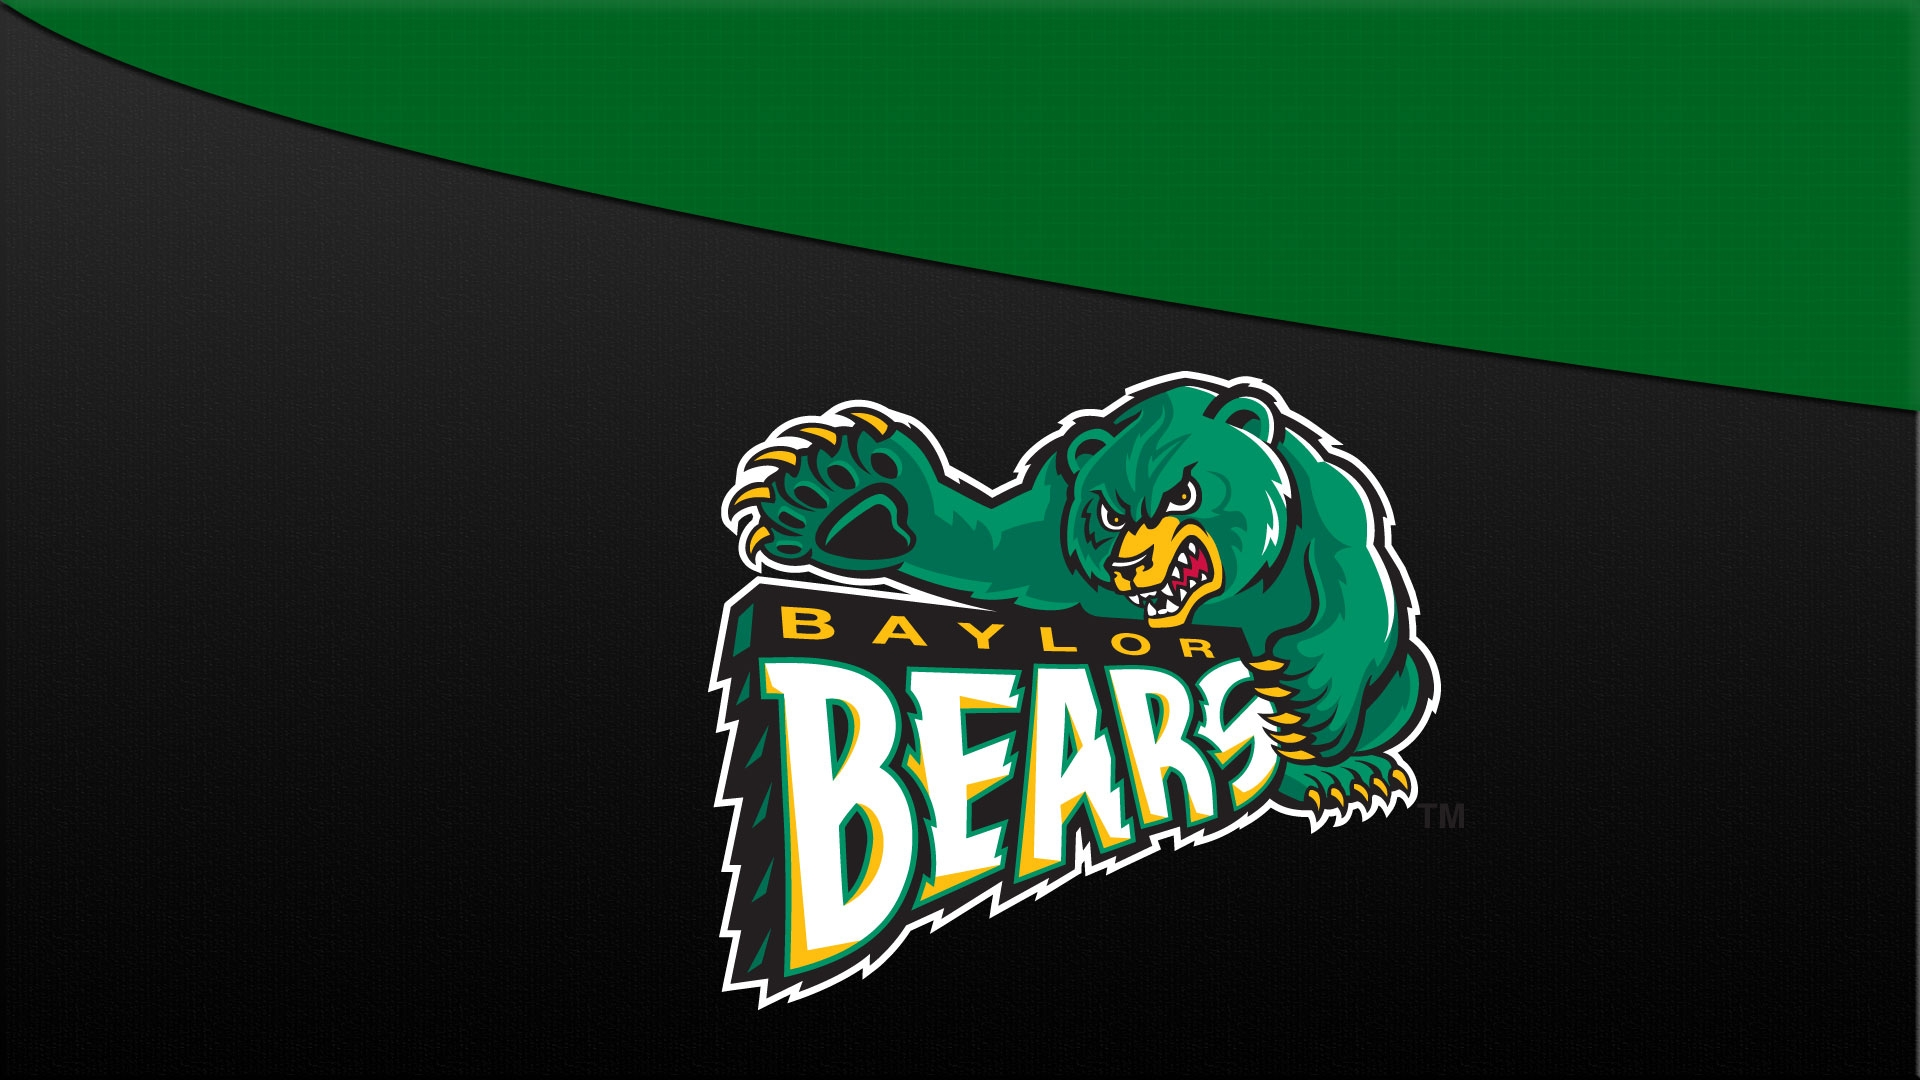 Baylor-Bears-Basketball-Wallpaper